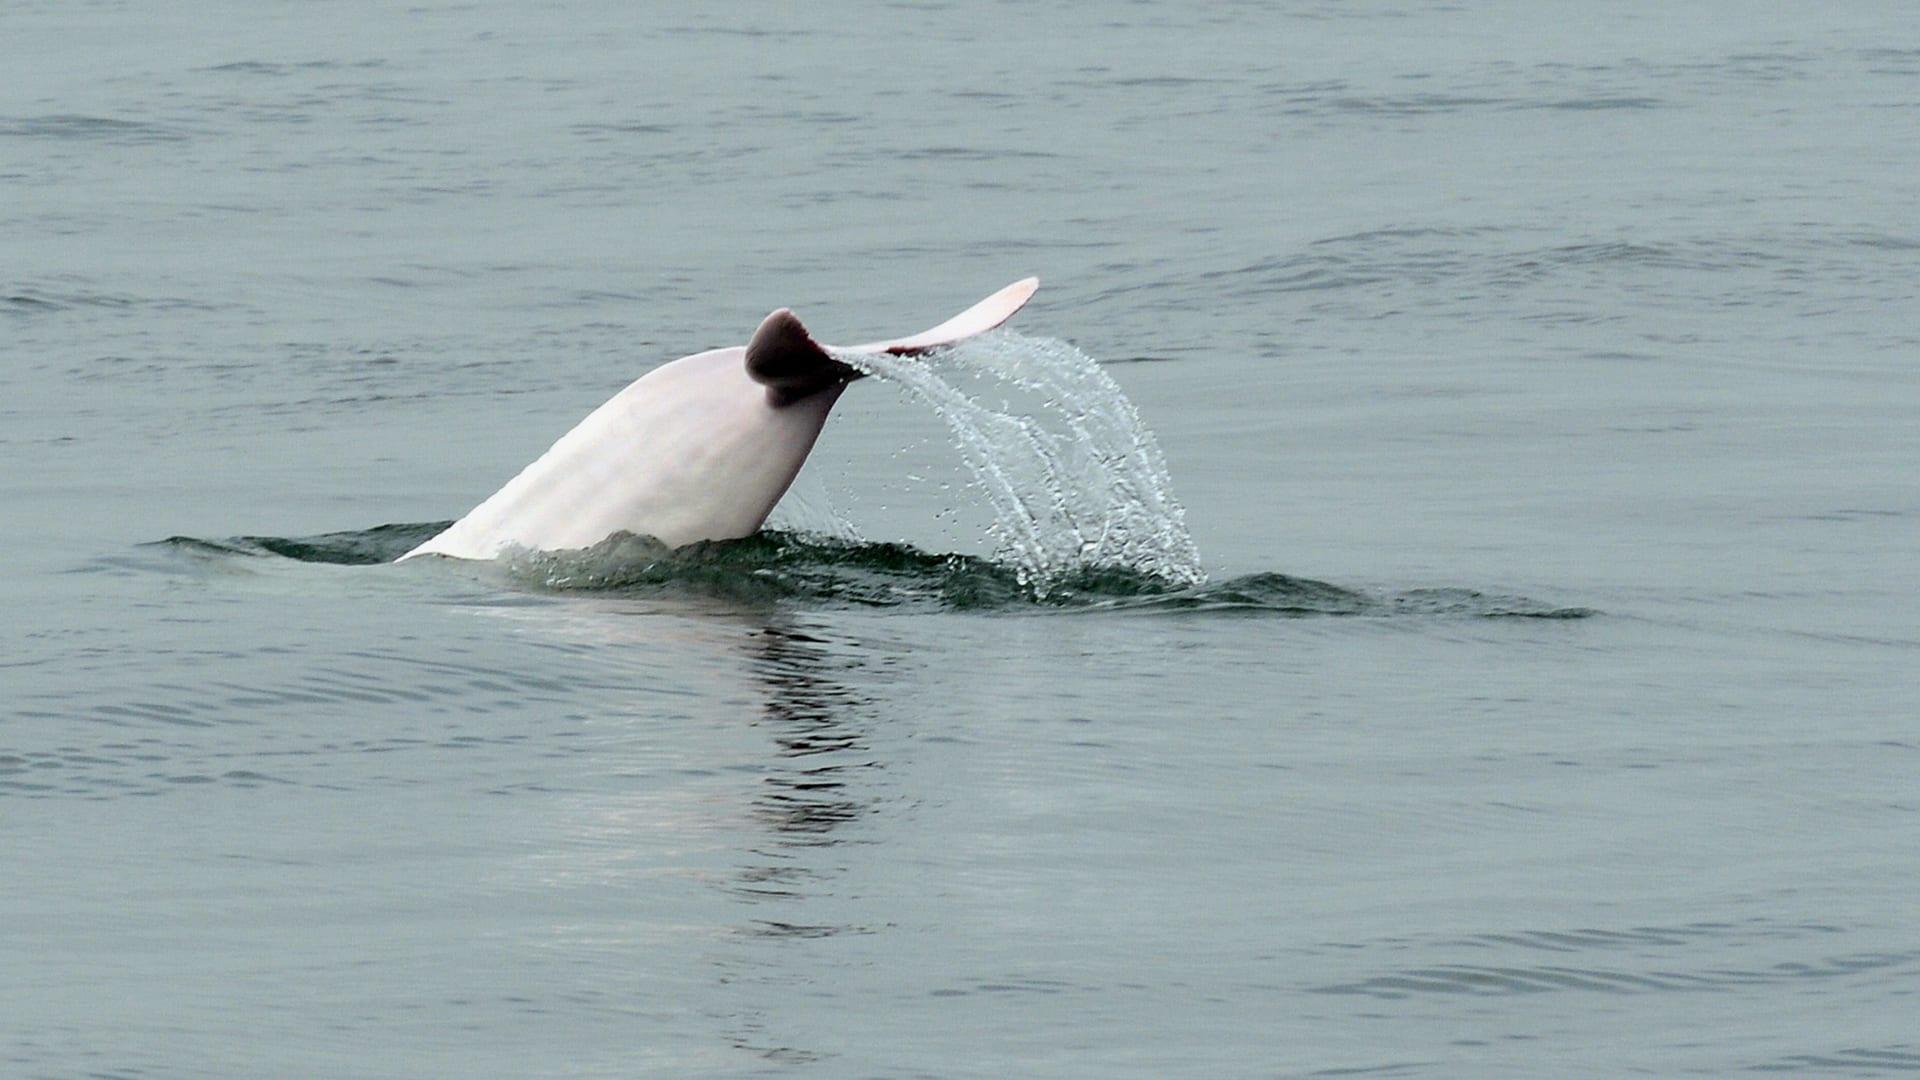 كأنها في حفلة.. شاهد دلافين بيضاء نادرة تمرح في الماء